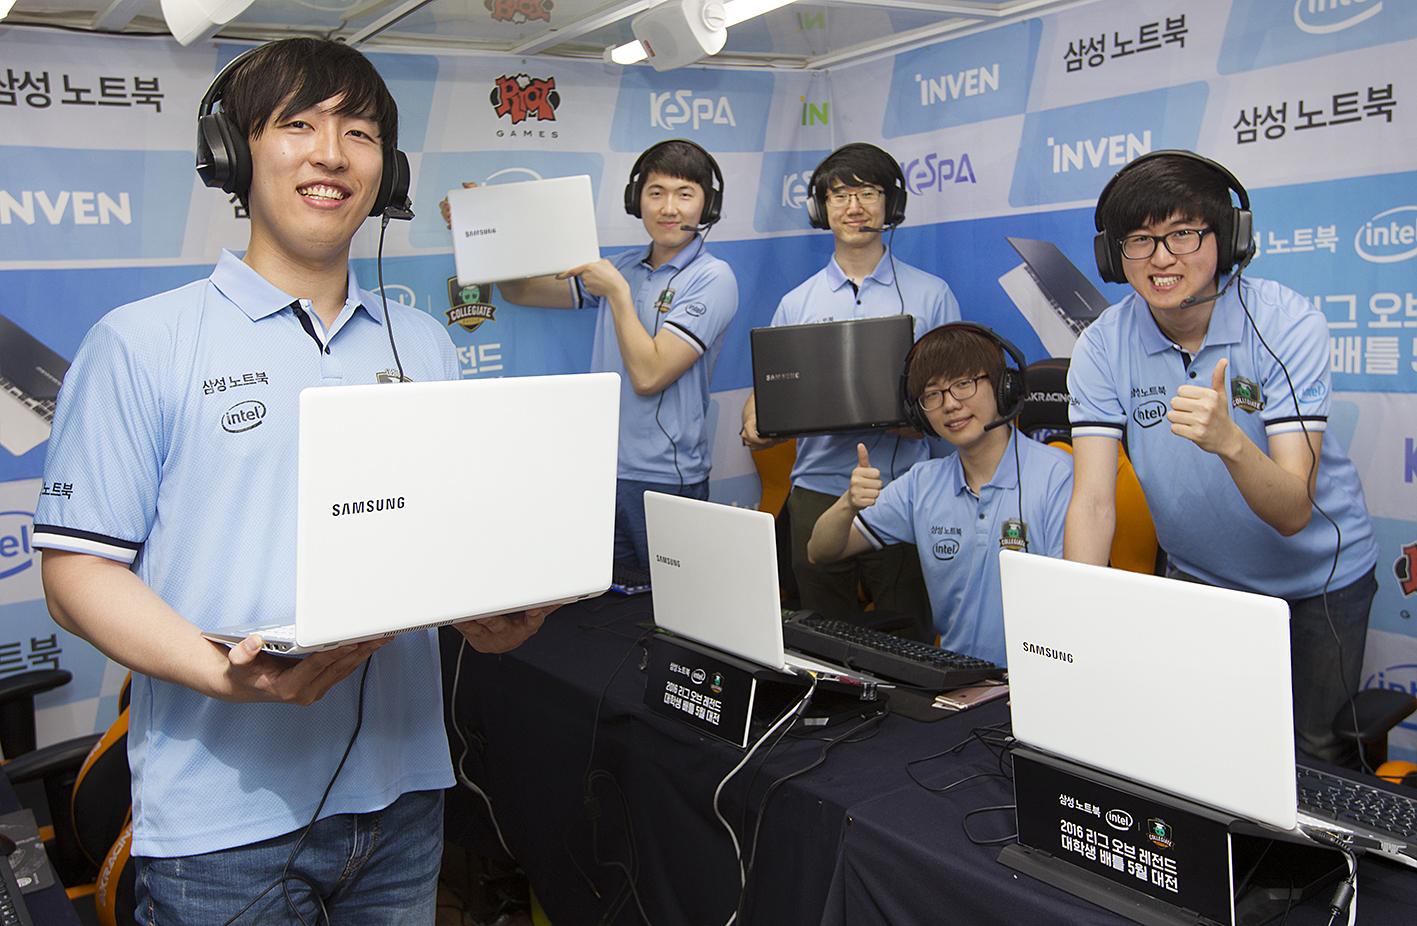 삼성 노트북, 2년 연속 e스포츠 게임 대회용 노트북 선정